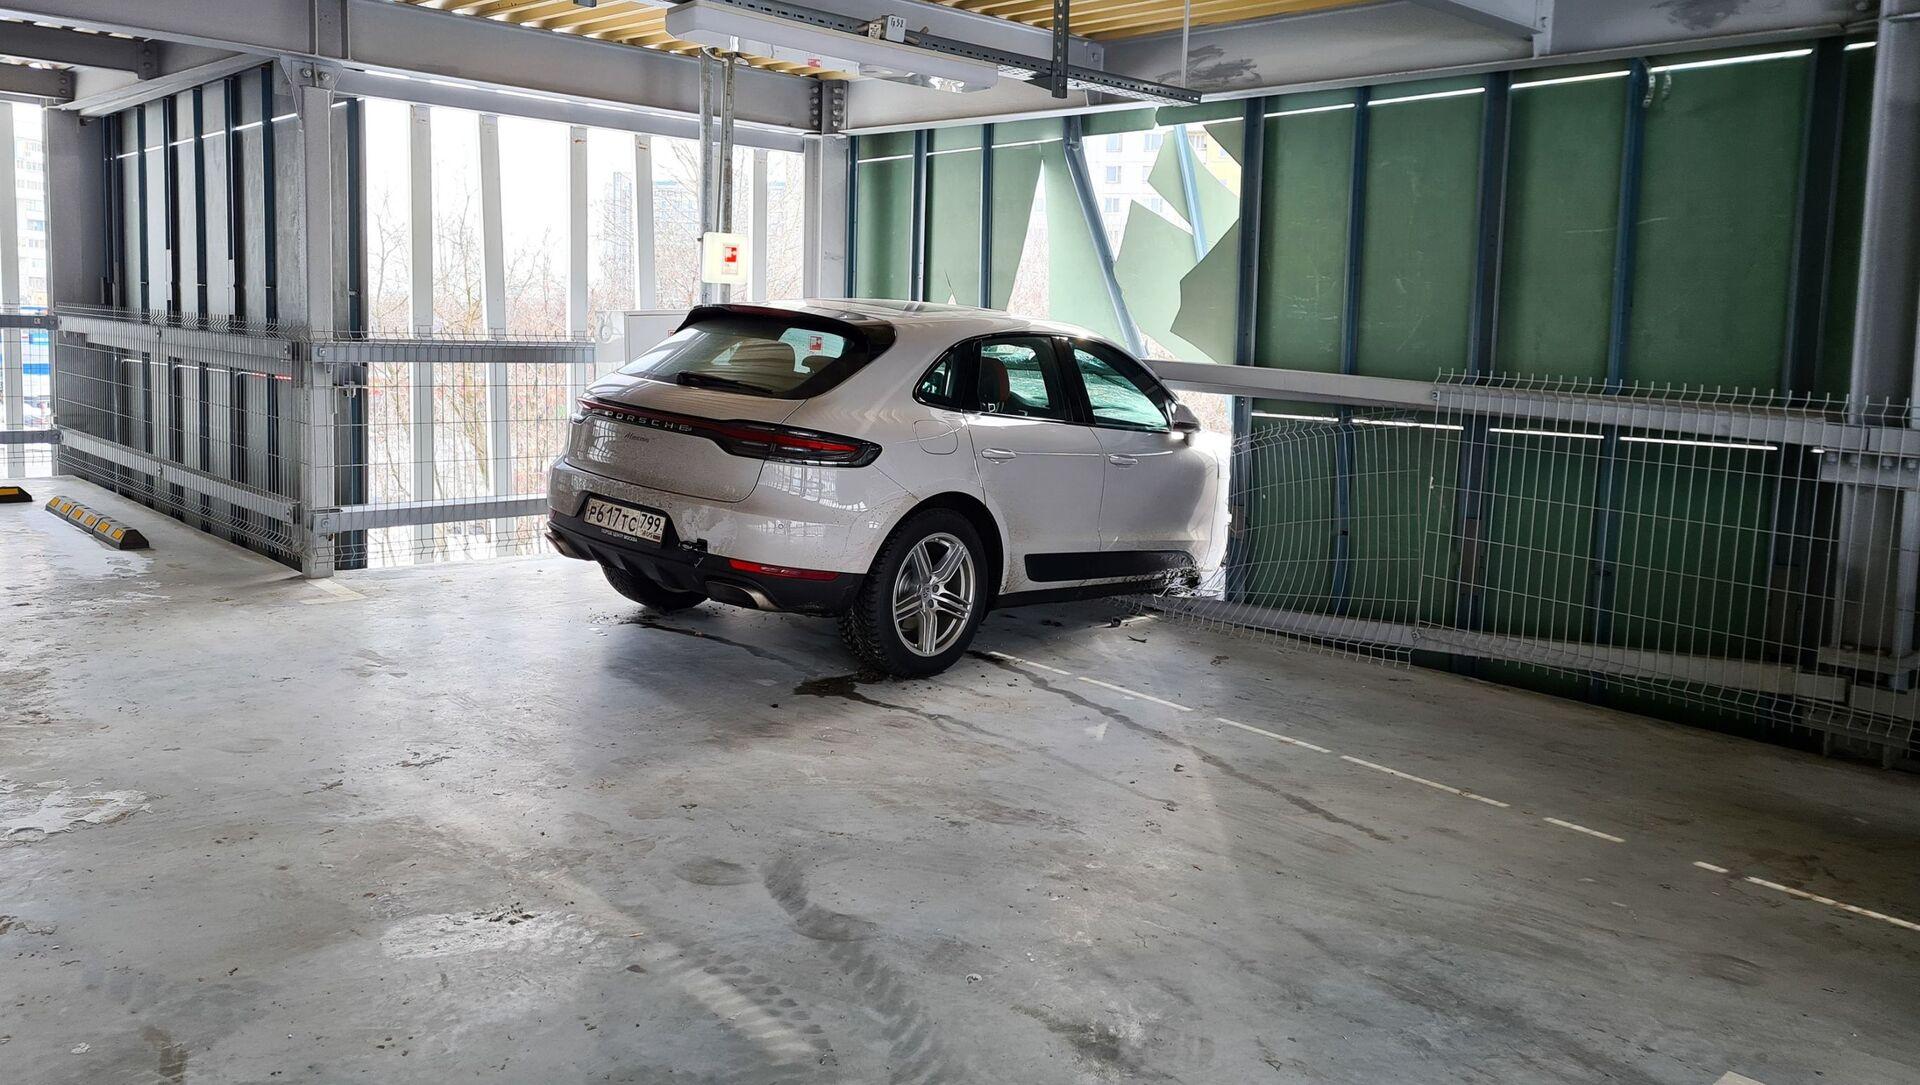 Řidič Porsche prorazil zeď vnitřního parkoviště a k jeho smůle v ní uvízl - Sputnik Česká republika, 1920, 20.04.2021